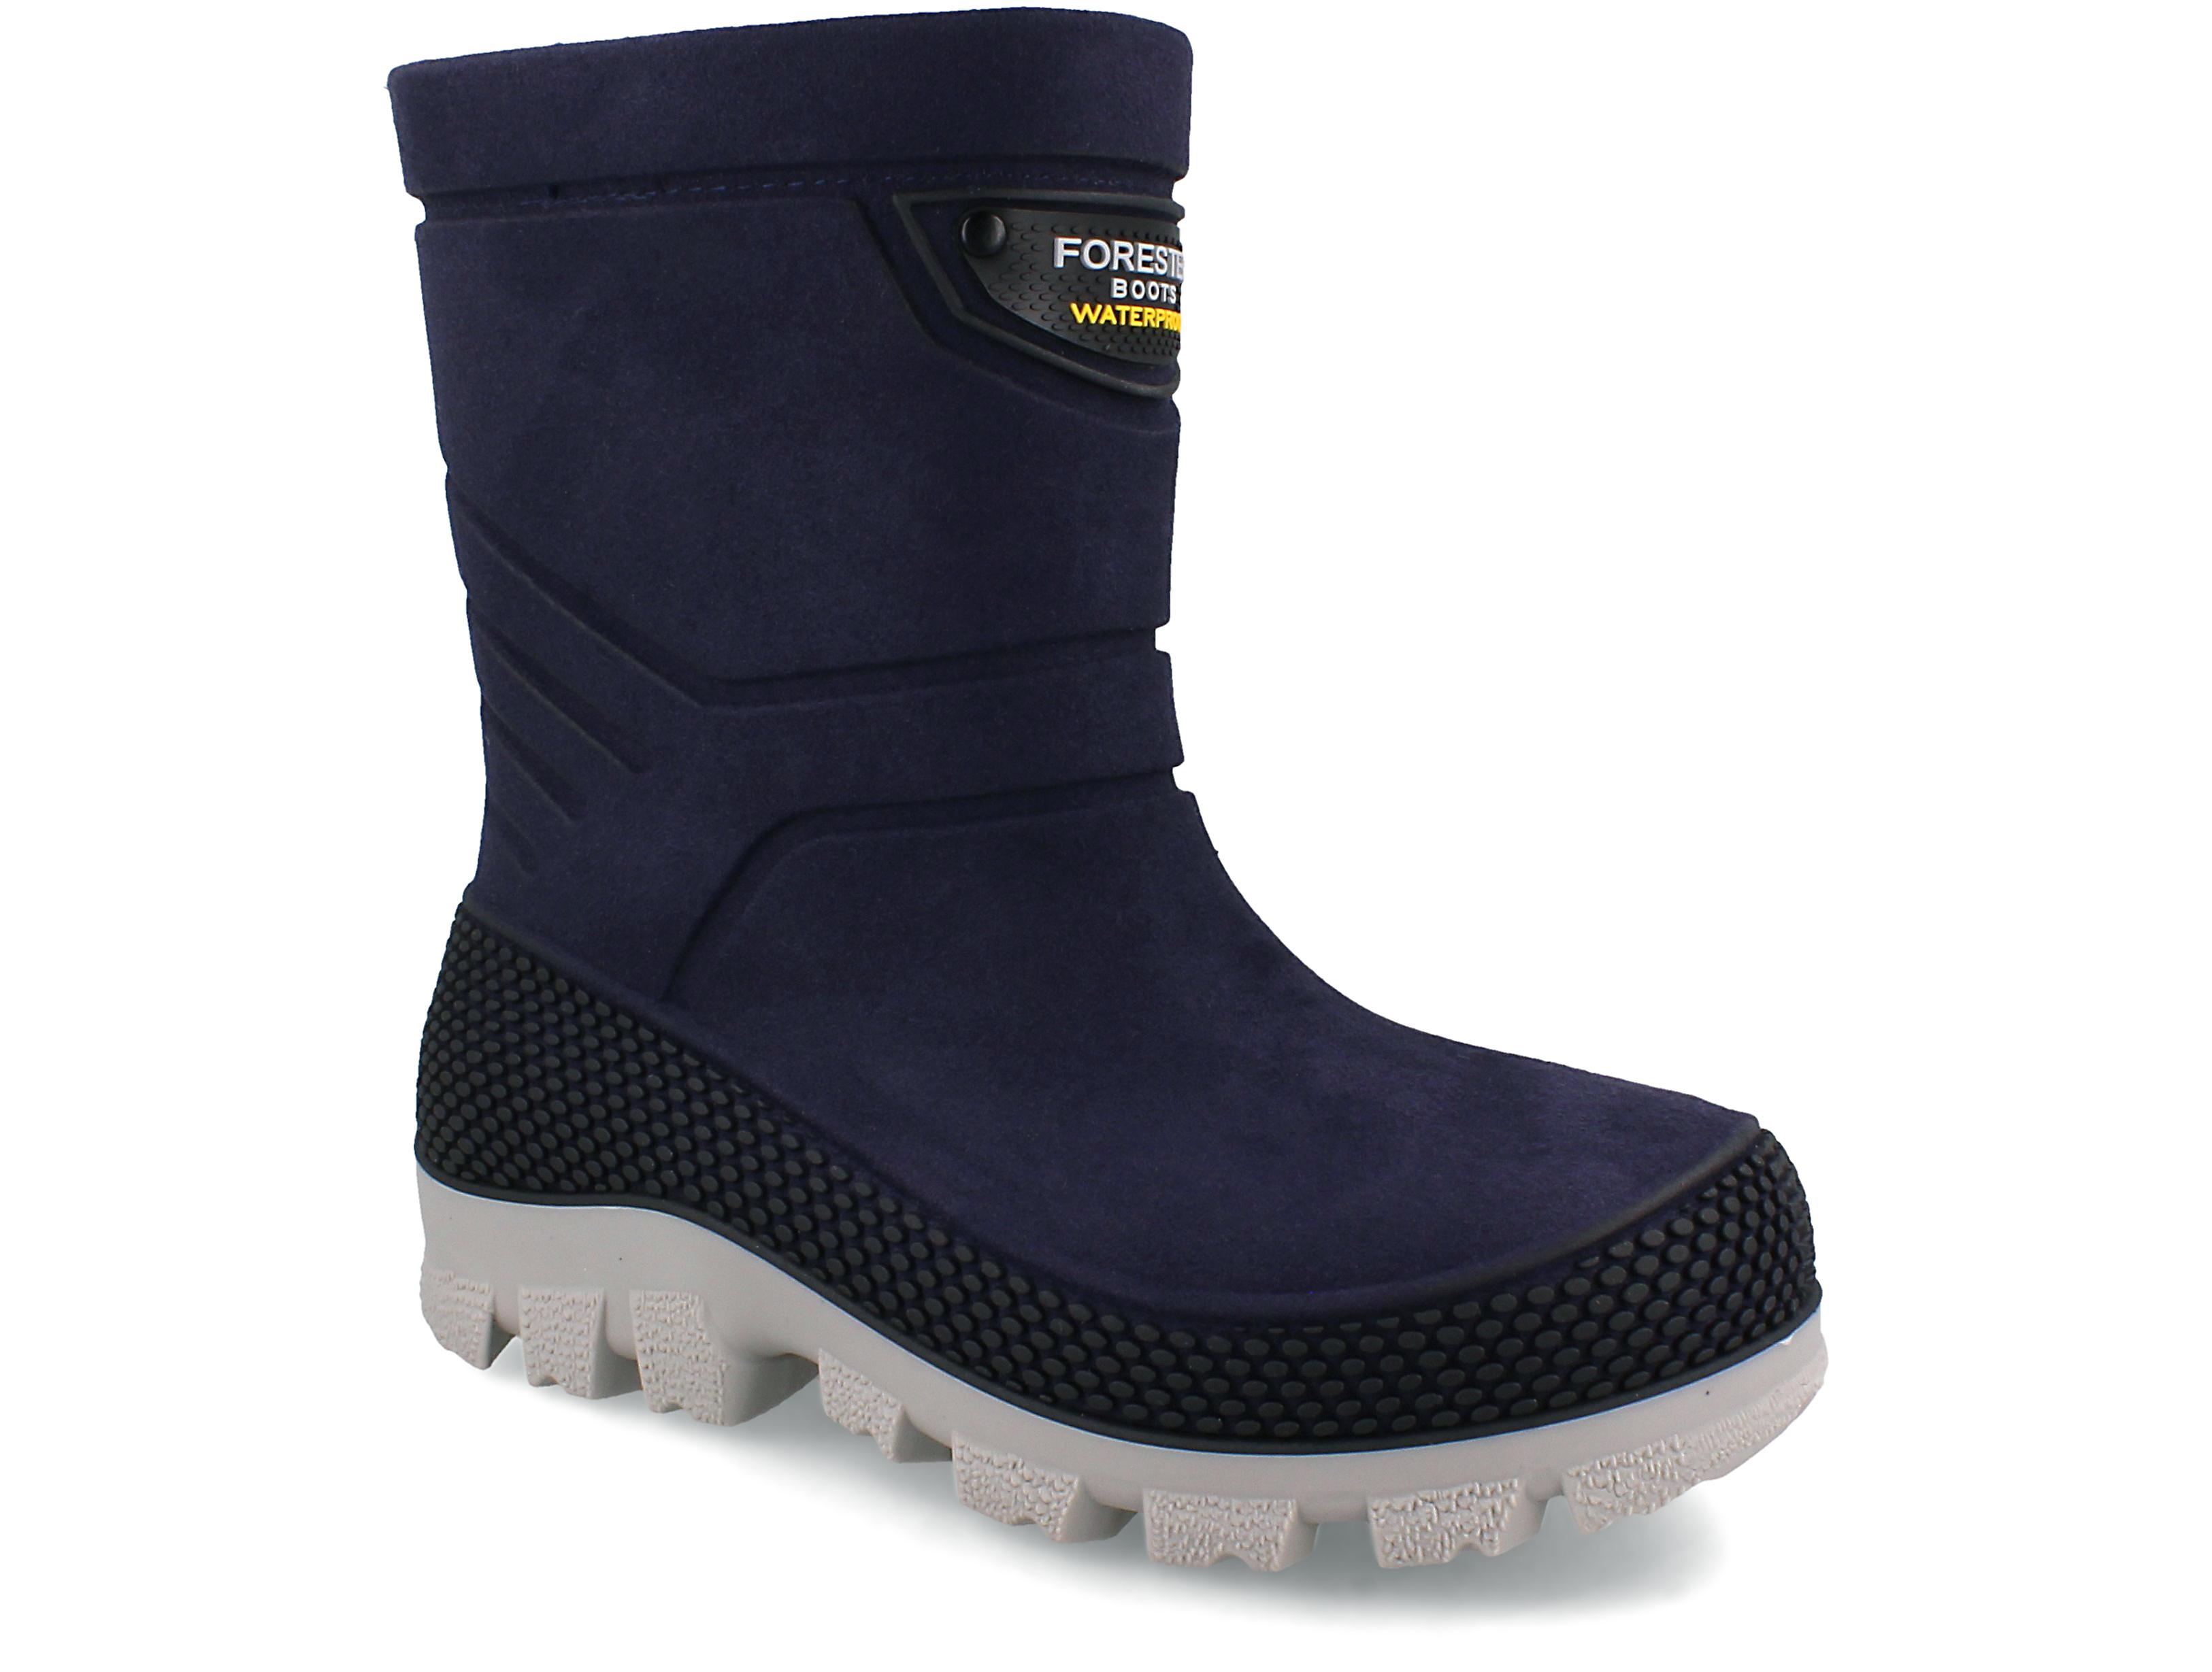 Купить со скидкой Детские зимние сапоги Forester Waterproof 724104-89